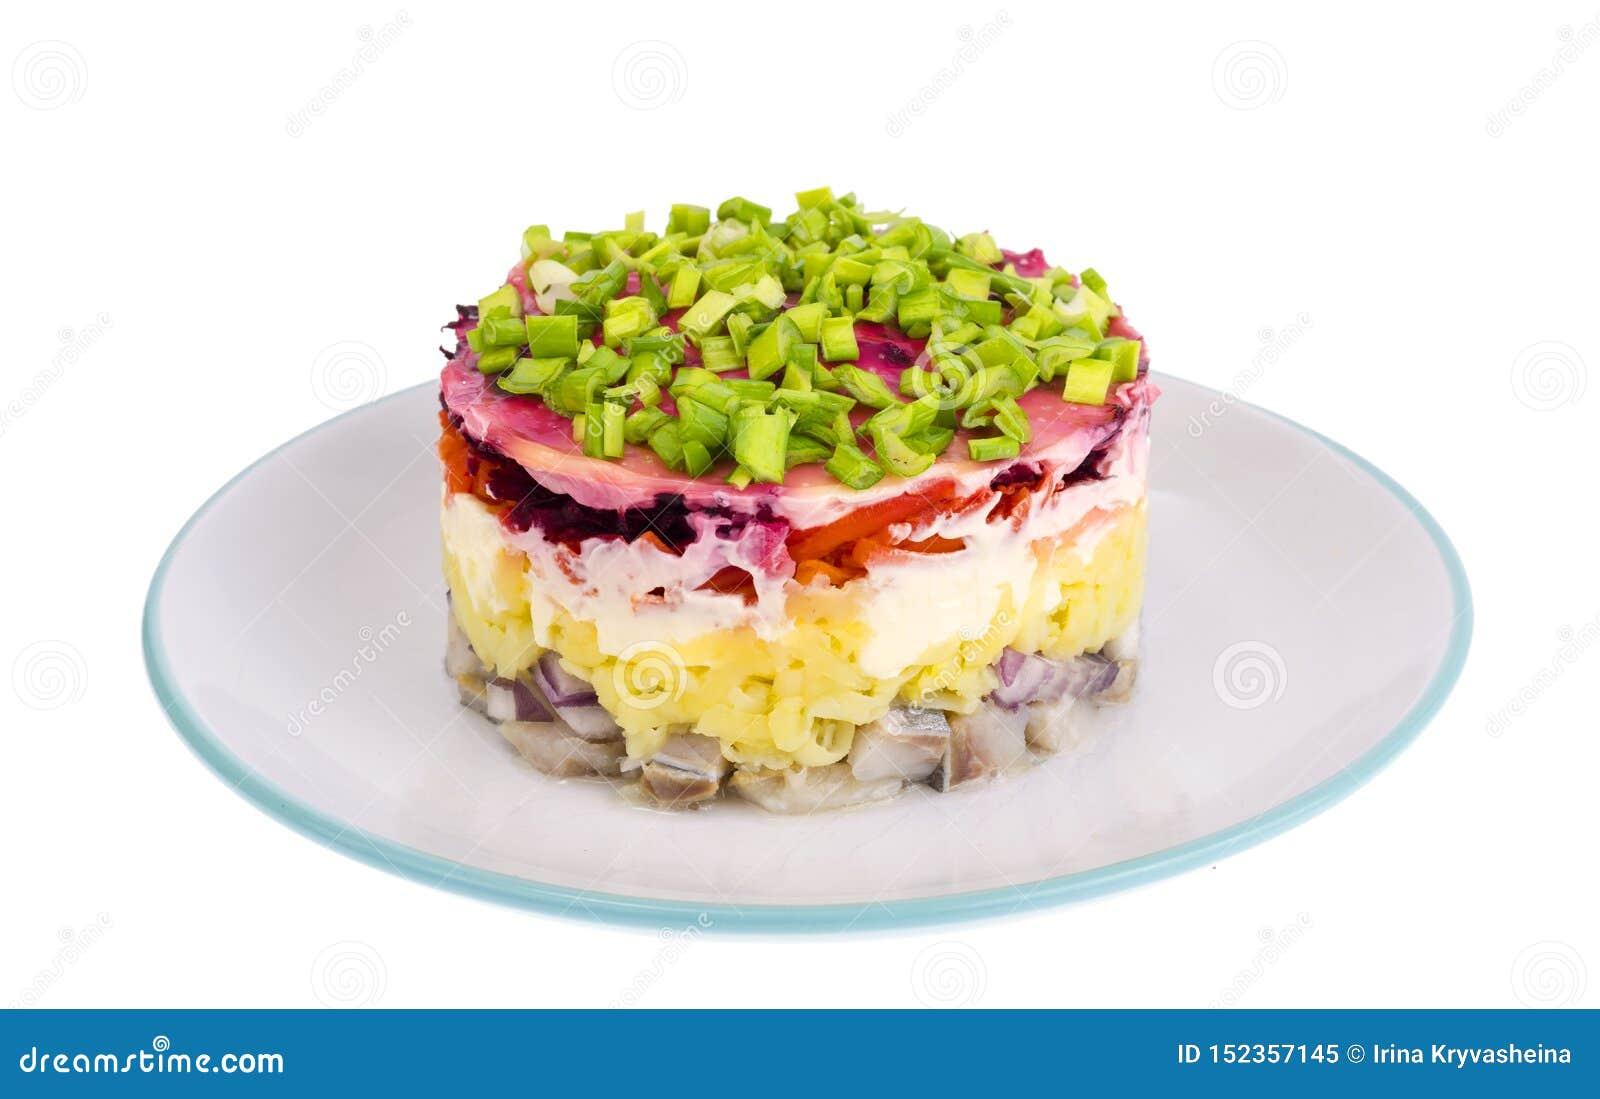 Salada mergulhada com vegetais e arenques